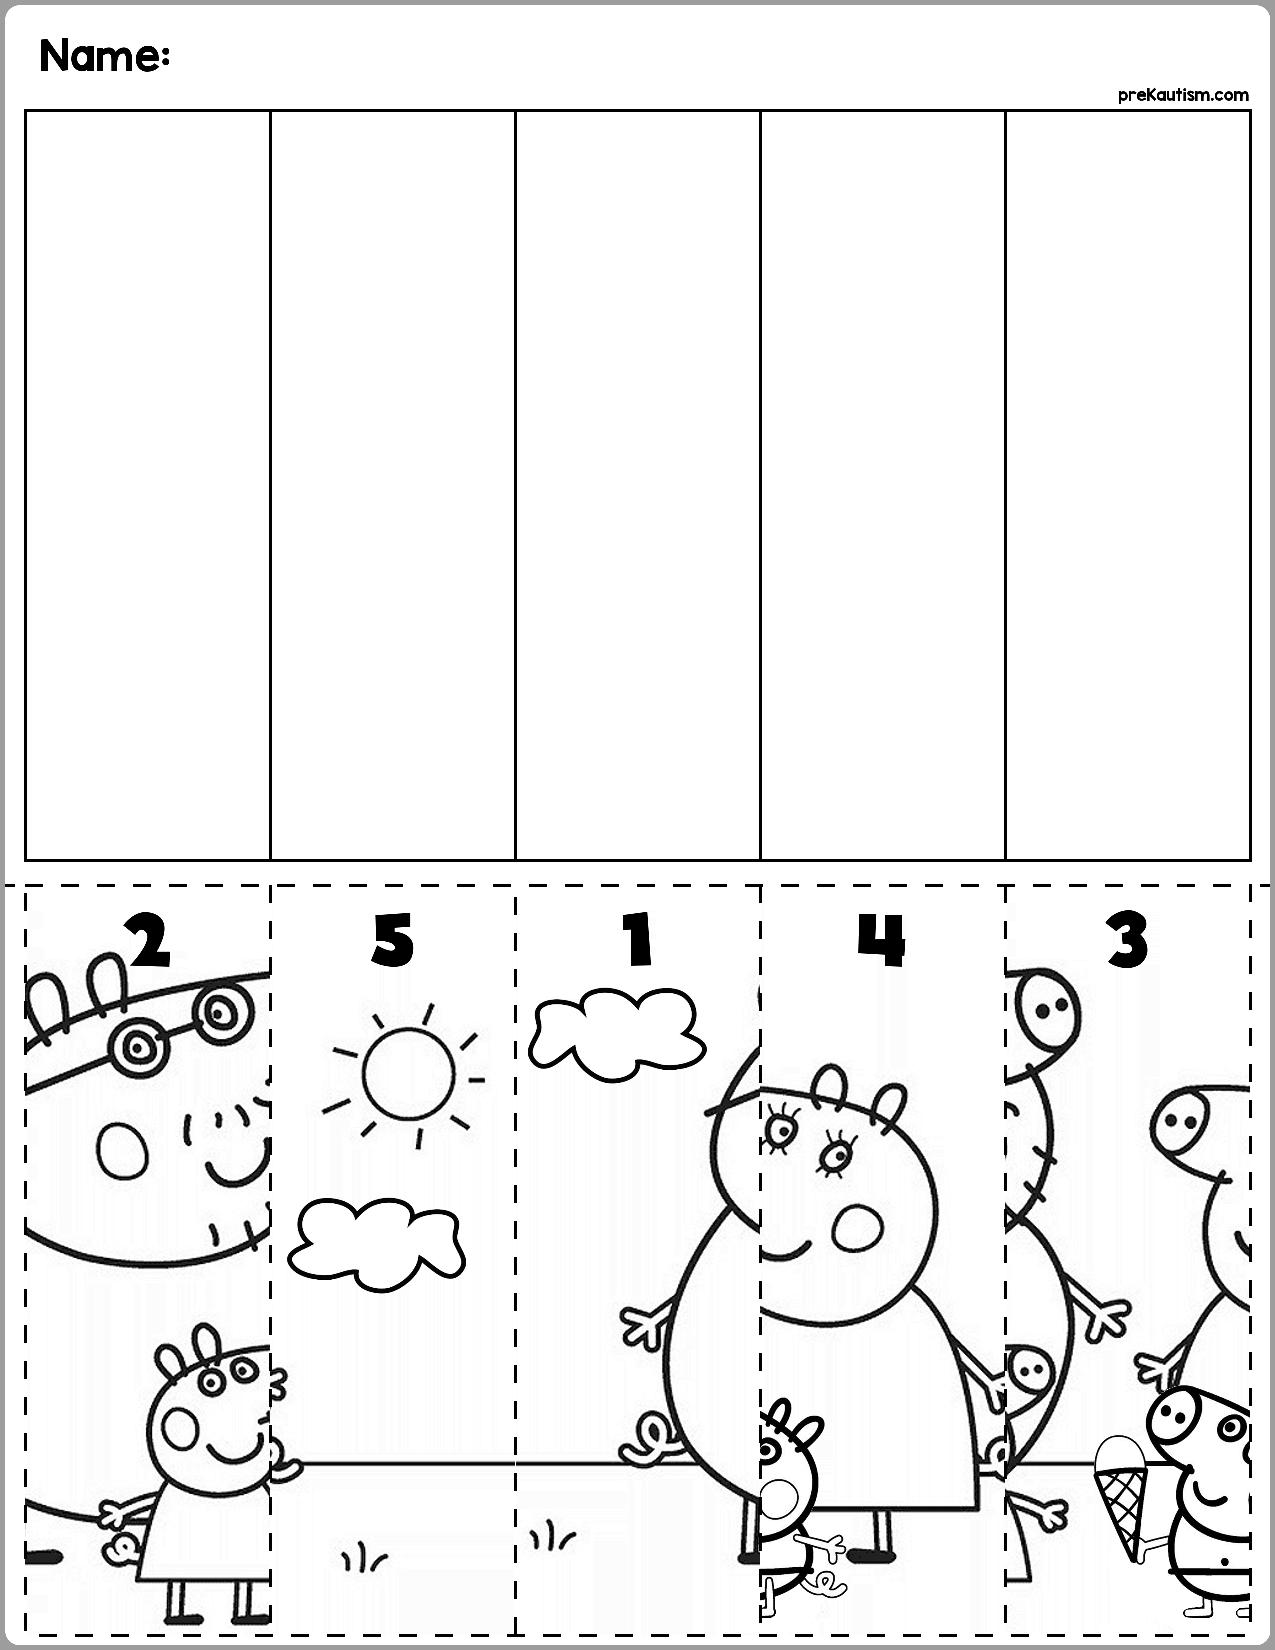 Free Educational Materials Peppapig Preschool Peppa Pig N Atividades De Arte Para Criancas Atividades De Aprendizagem Para Criancas Atividades De Aprendizagem [ 1650 x 1275 Pixel ]